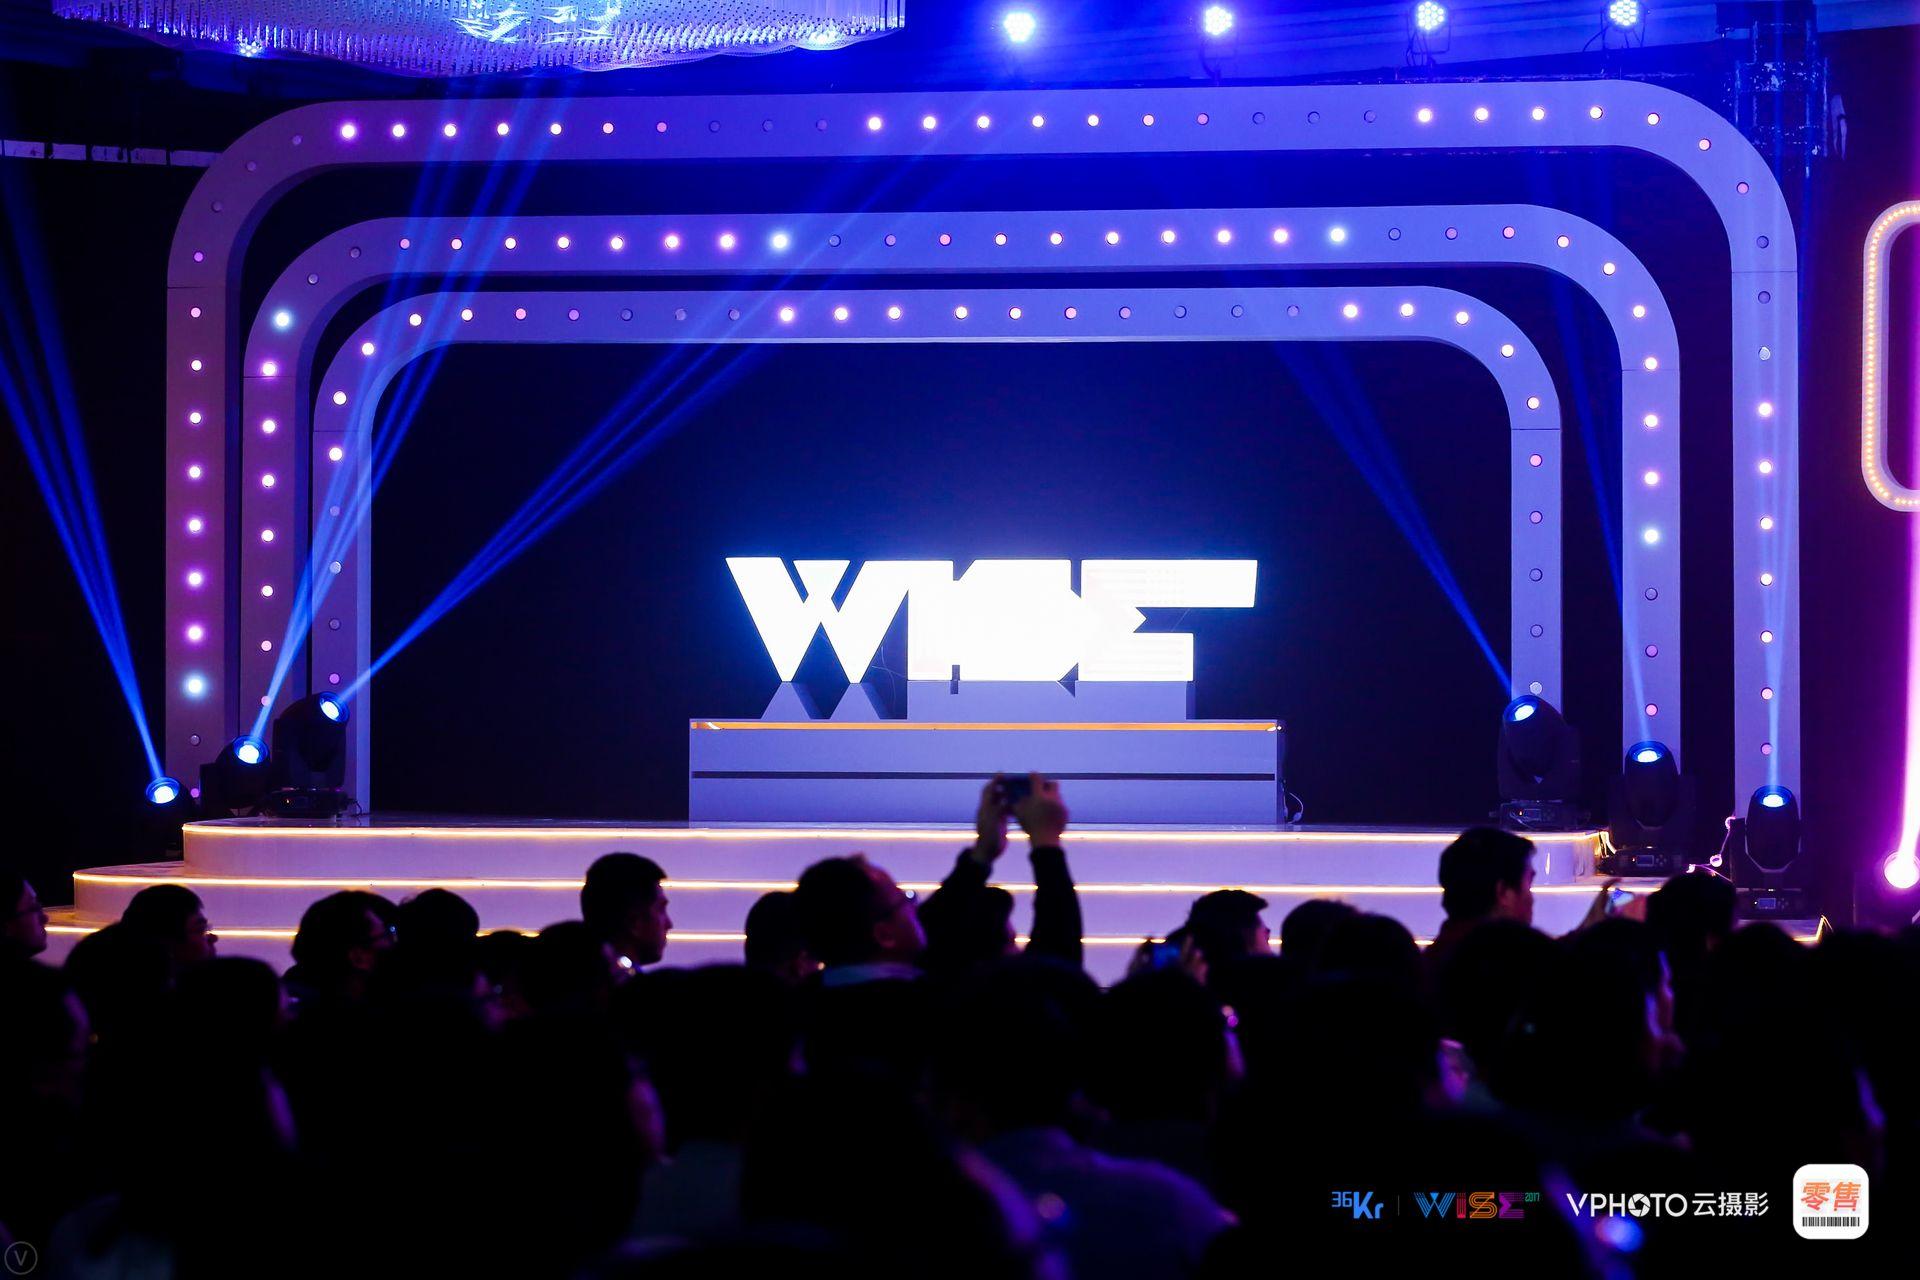 【道听图说】36氪2017WISE大会现场探秘